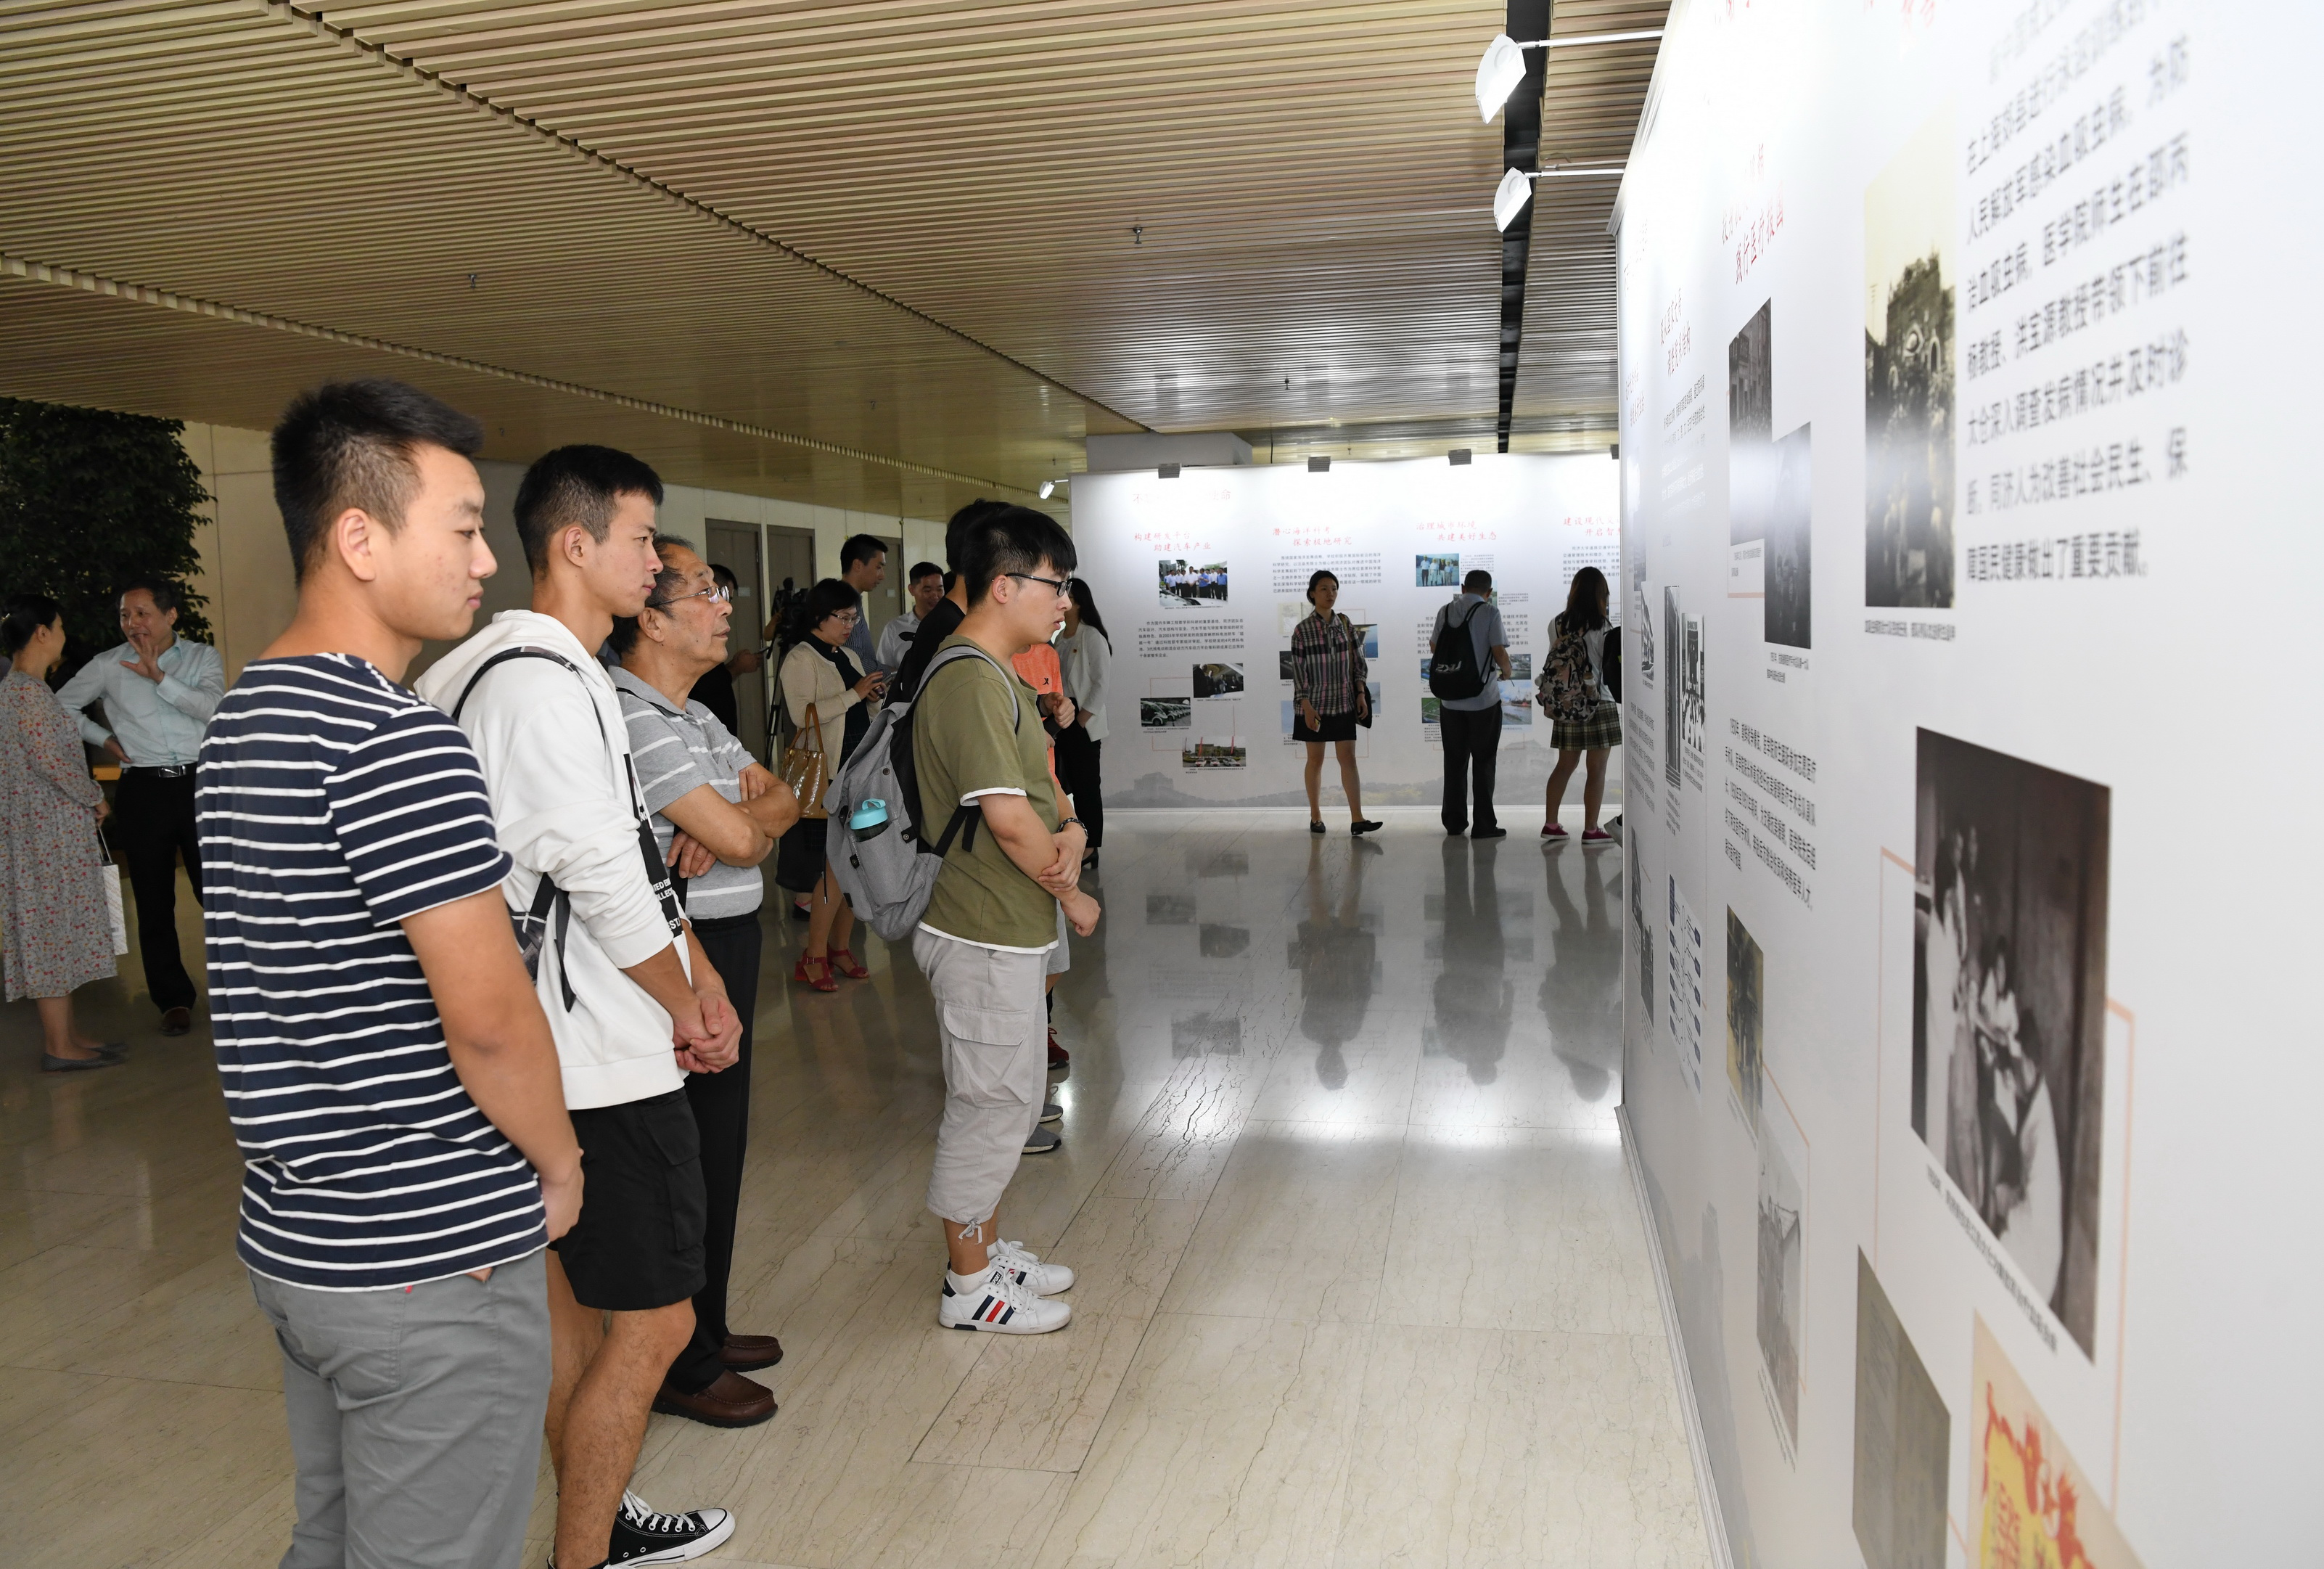 《山河行过首播中的同济大学》,于9月29日在上海电视台抗战.长春室内攀岩哪里好图片